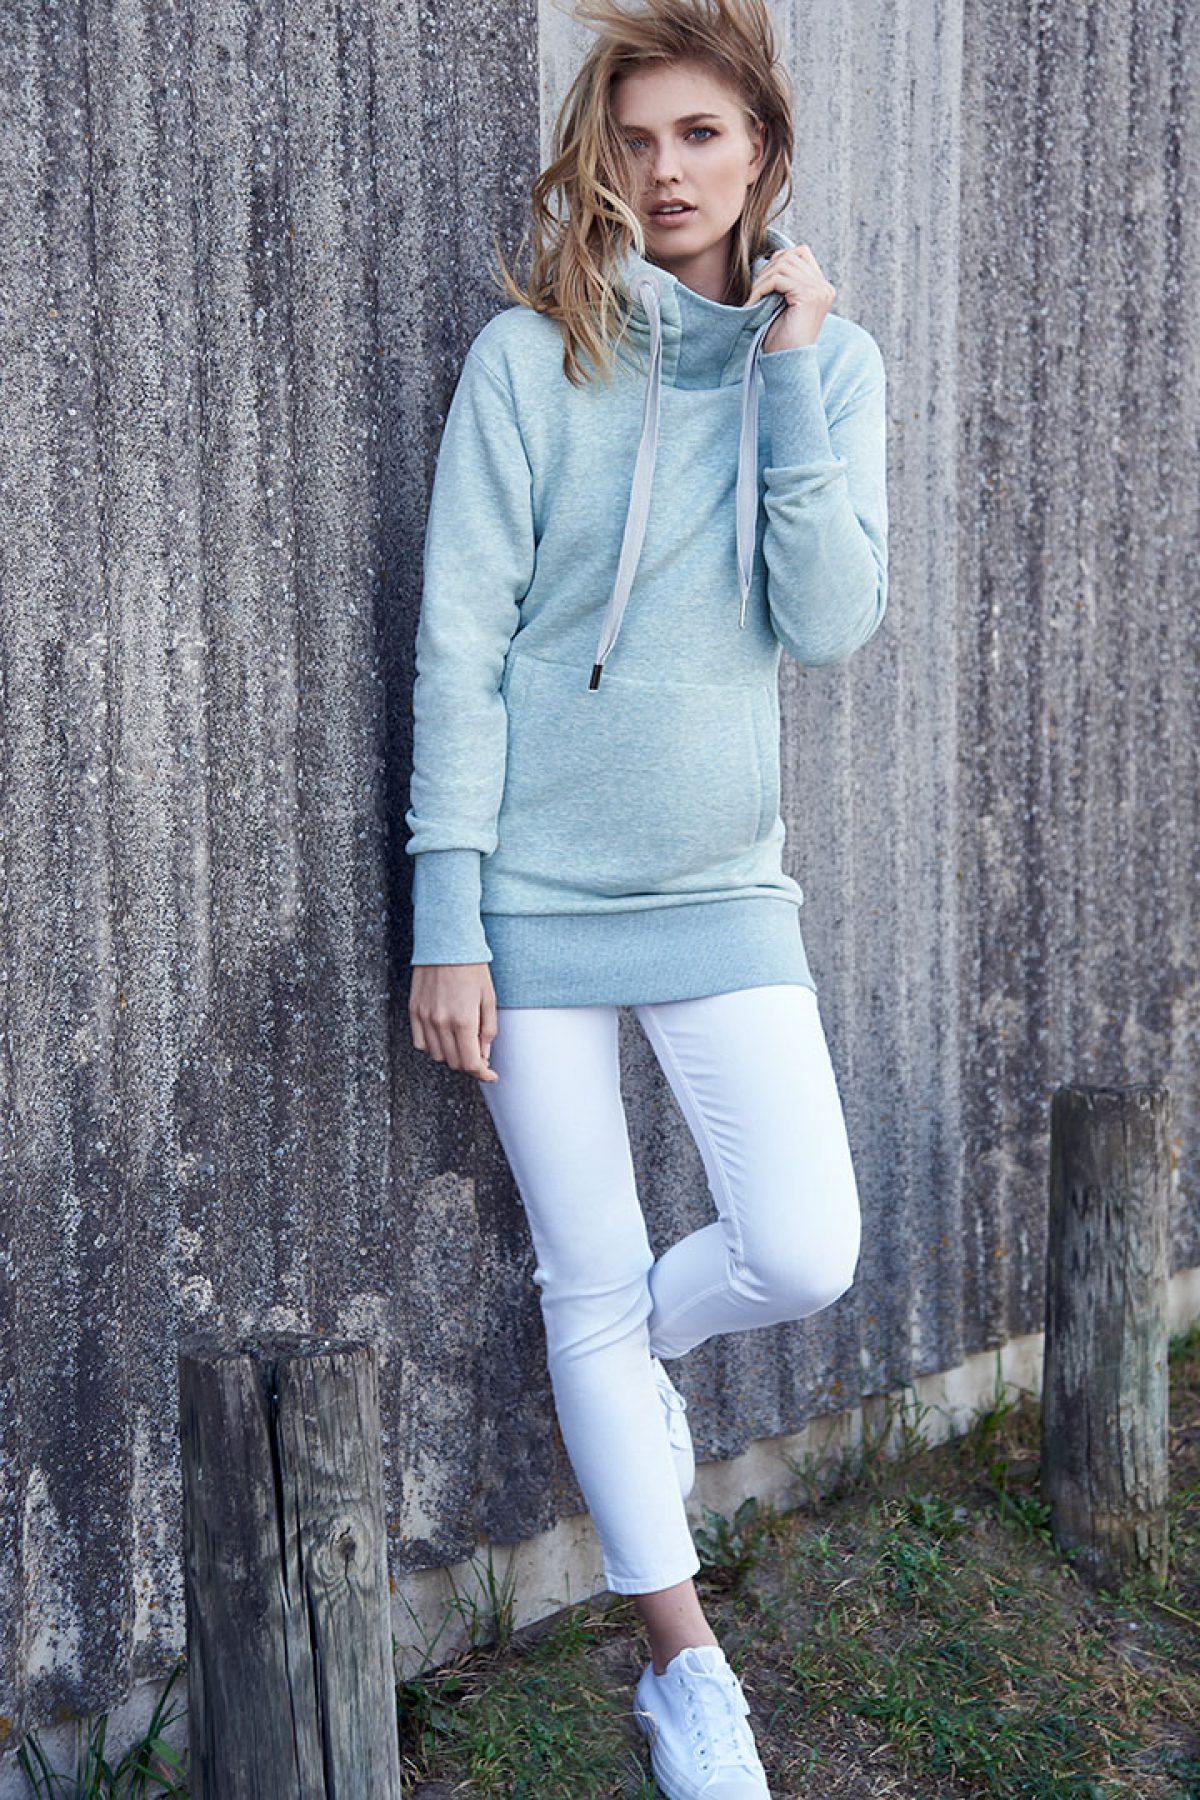 Elbsand ALBA – Kapuzensweatshirt in mint melange in extra langem, schmalen Schnitt. Schöne Rippdetails, Känguru-Tasche und lange Kordeln. Angenehm weiche Baumwollmischung.